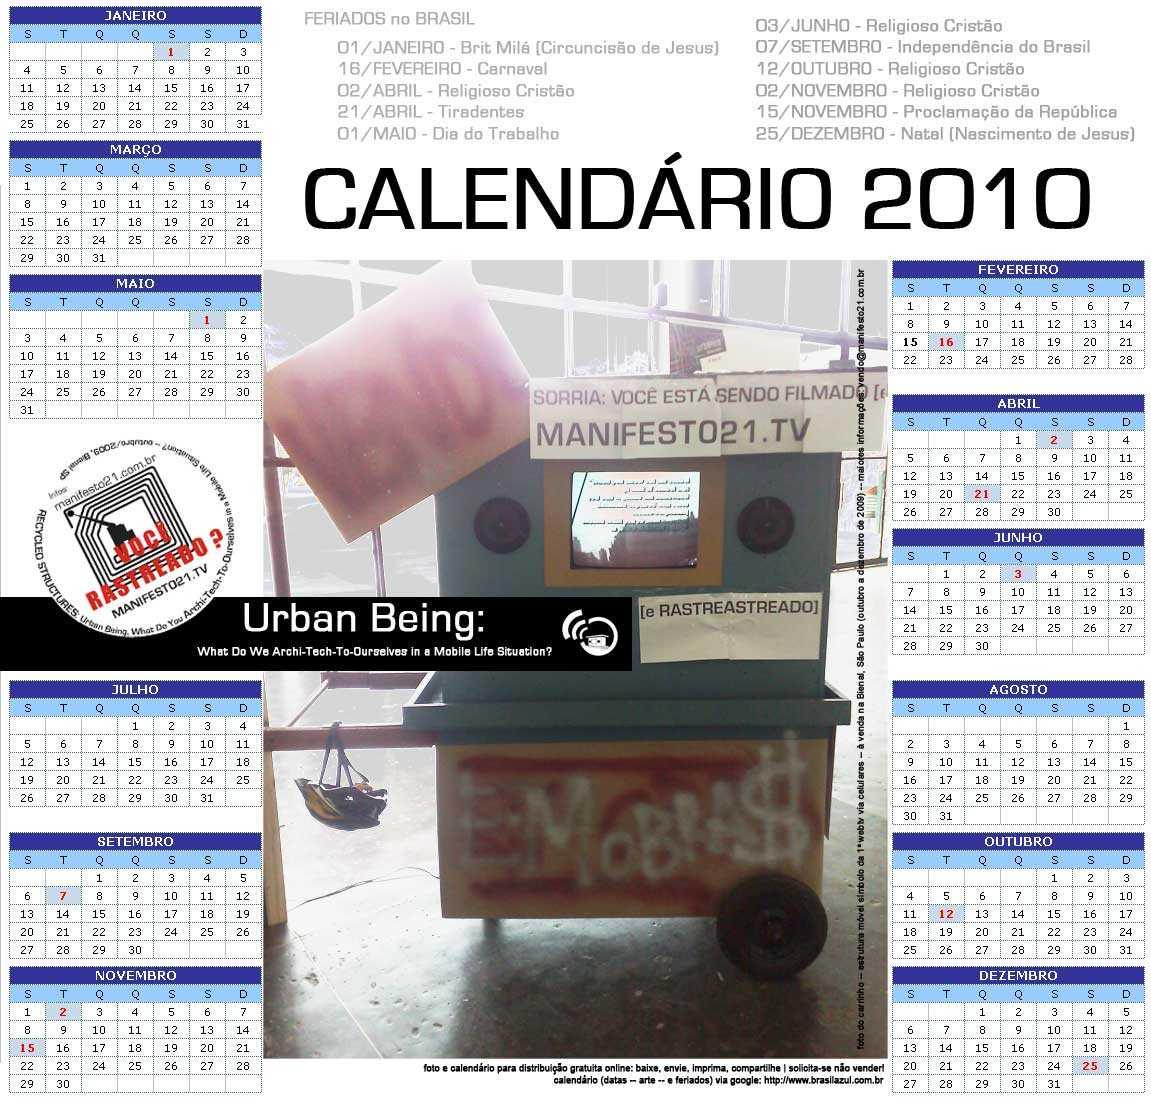 calendario2010 01ok